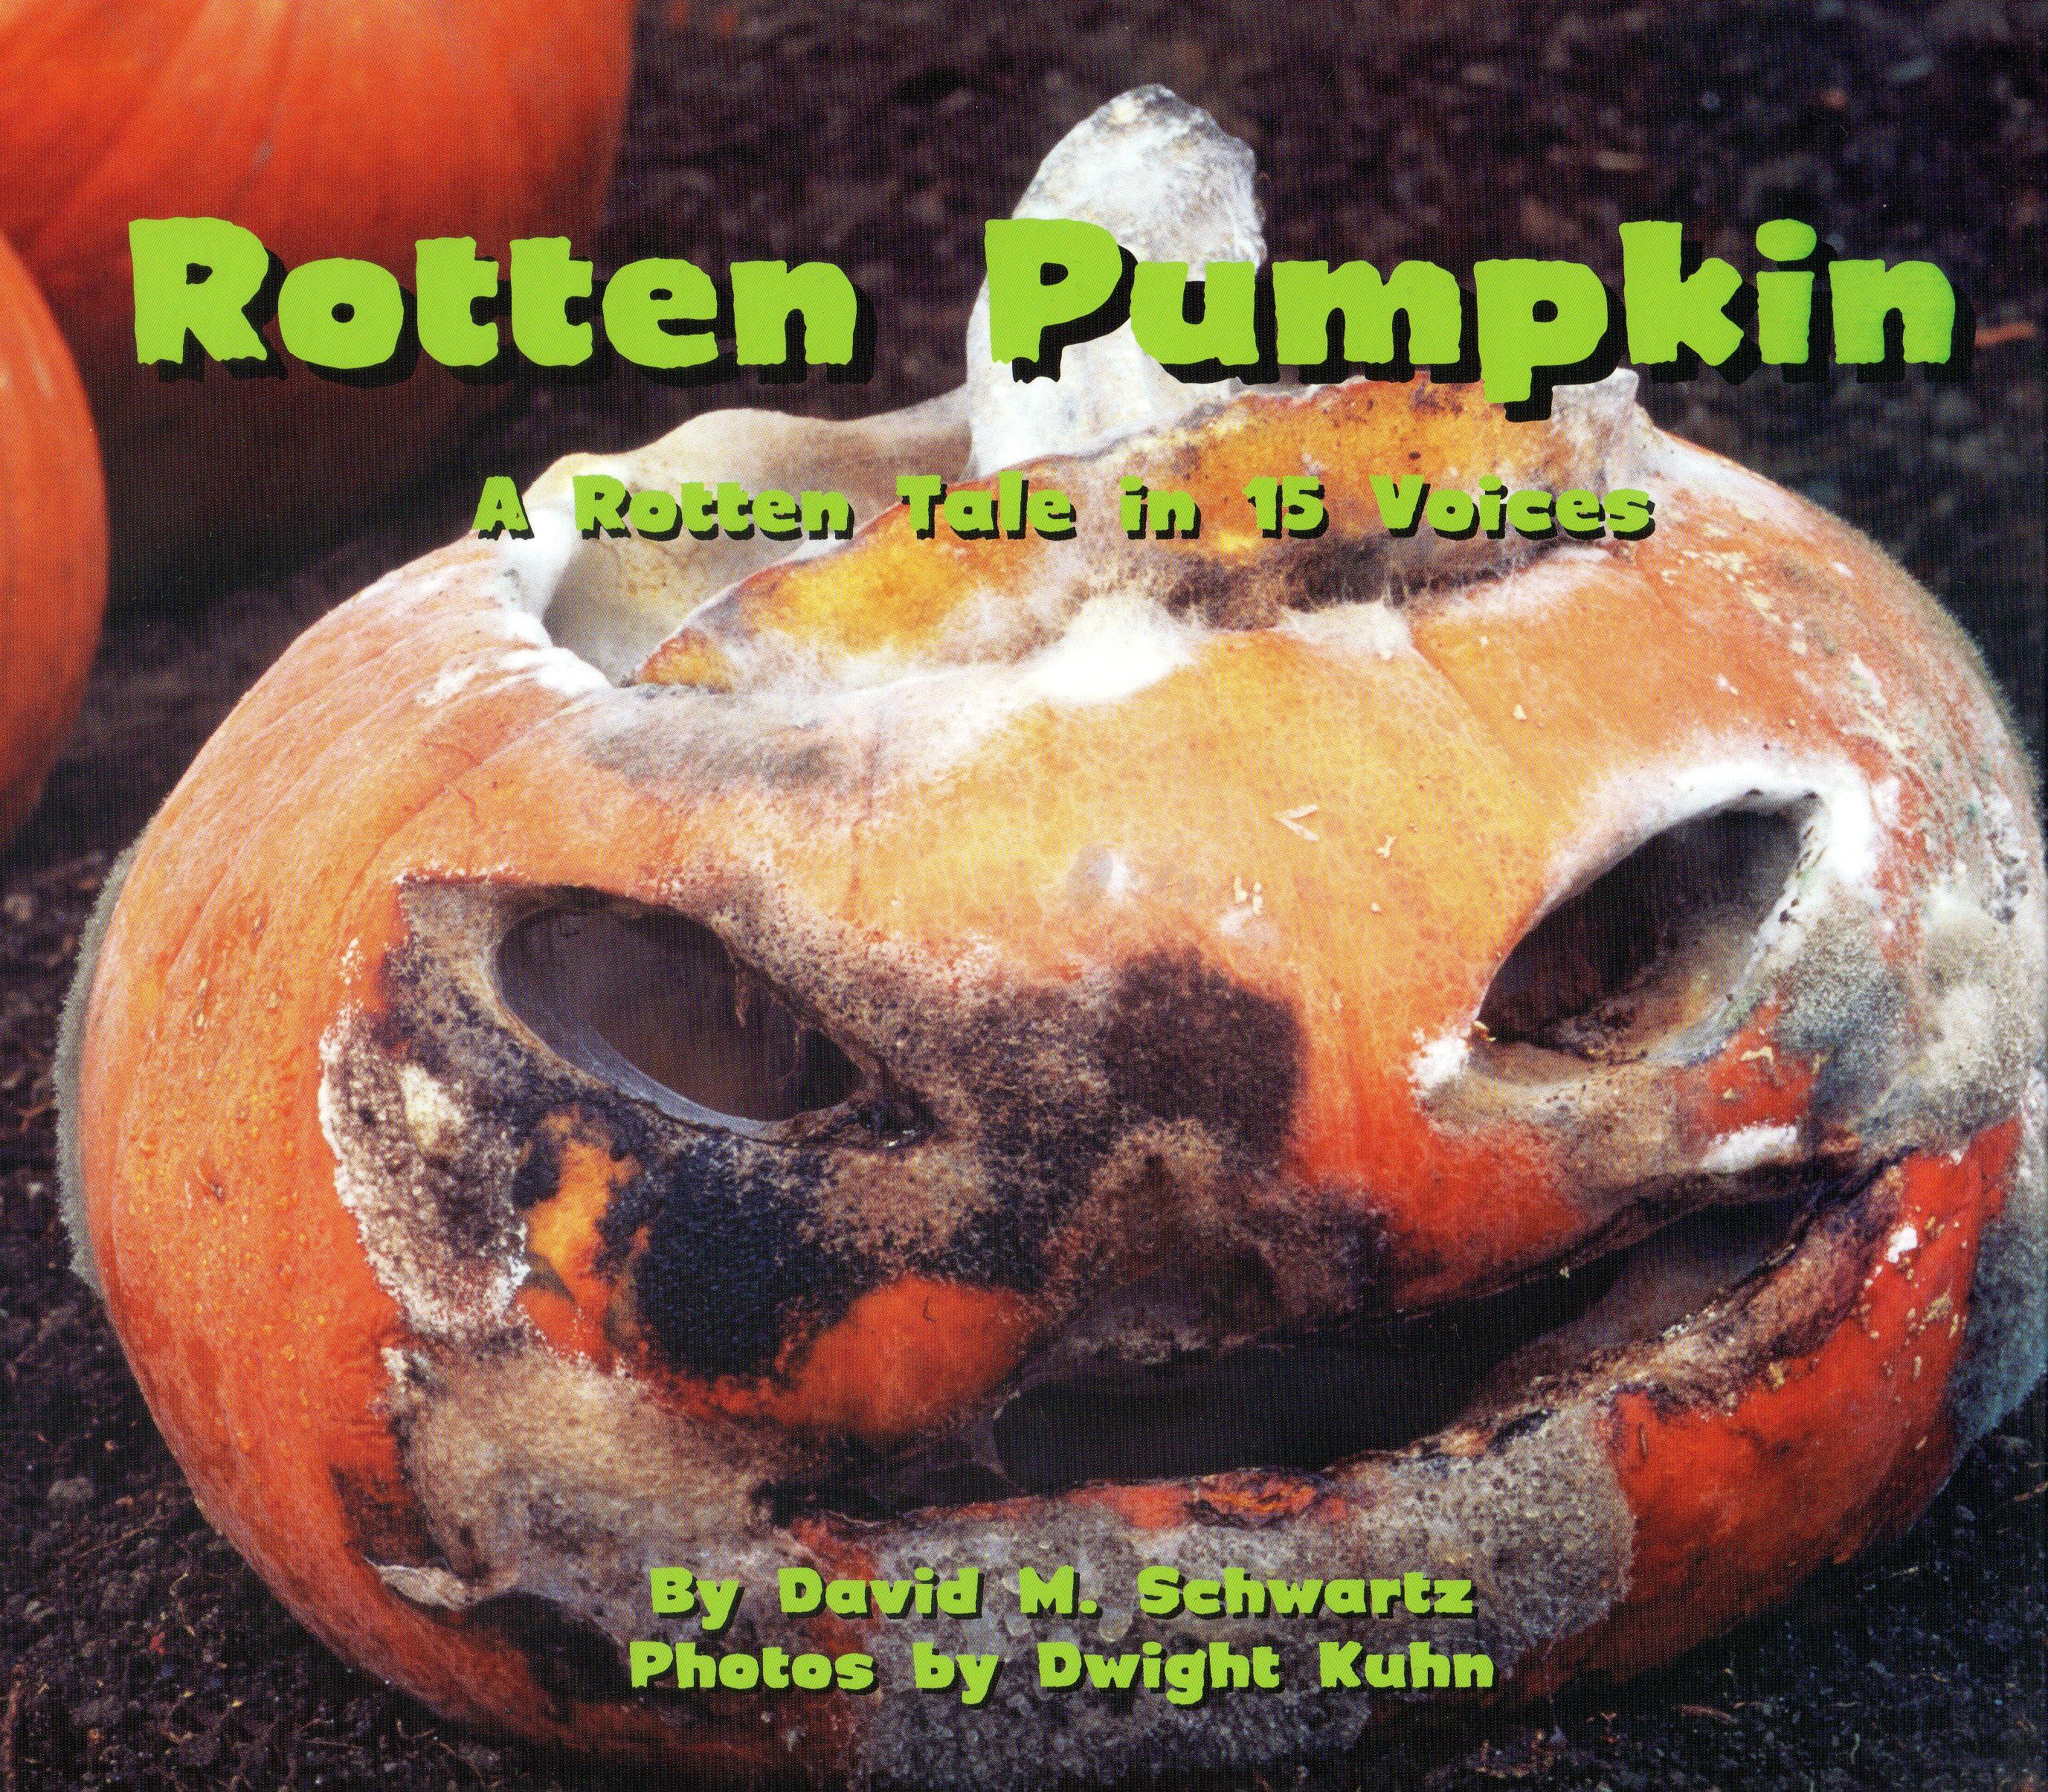 Rotten Pumpkin: A Rotten Tale in 15 Voices